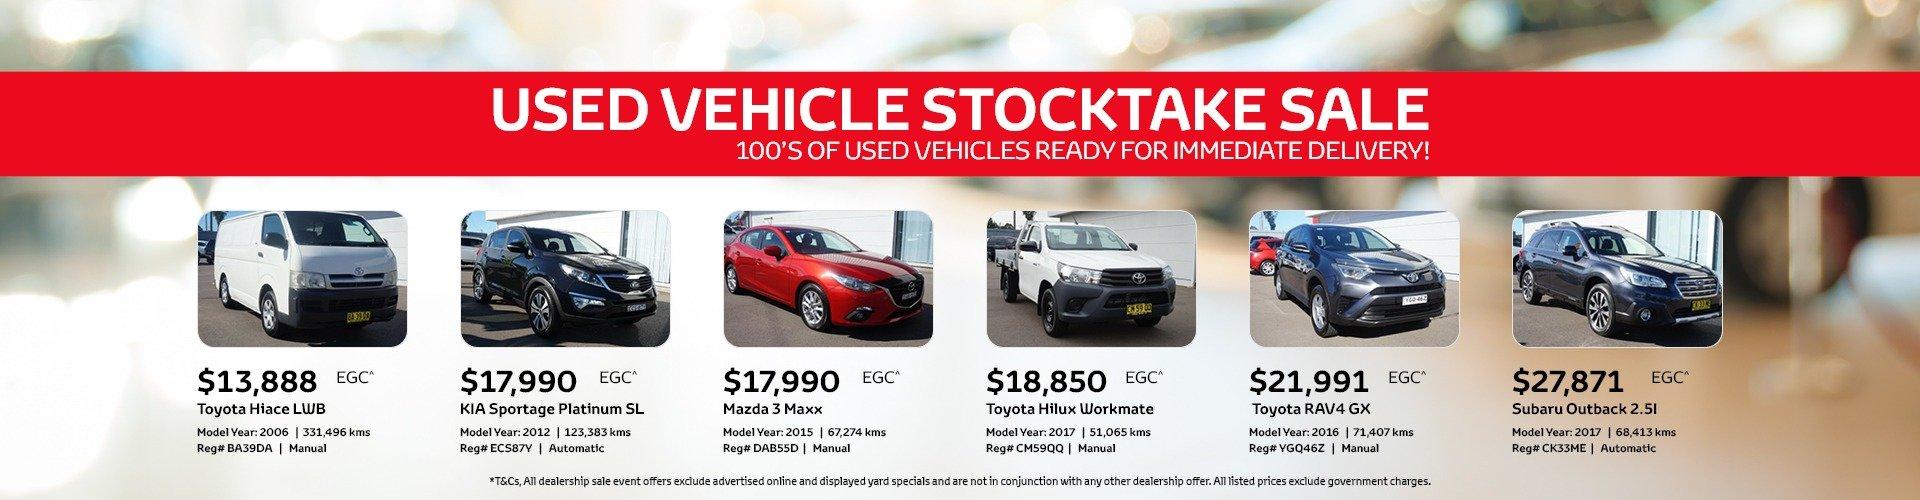 used vehicle stocktake sale